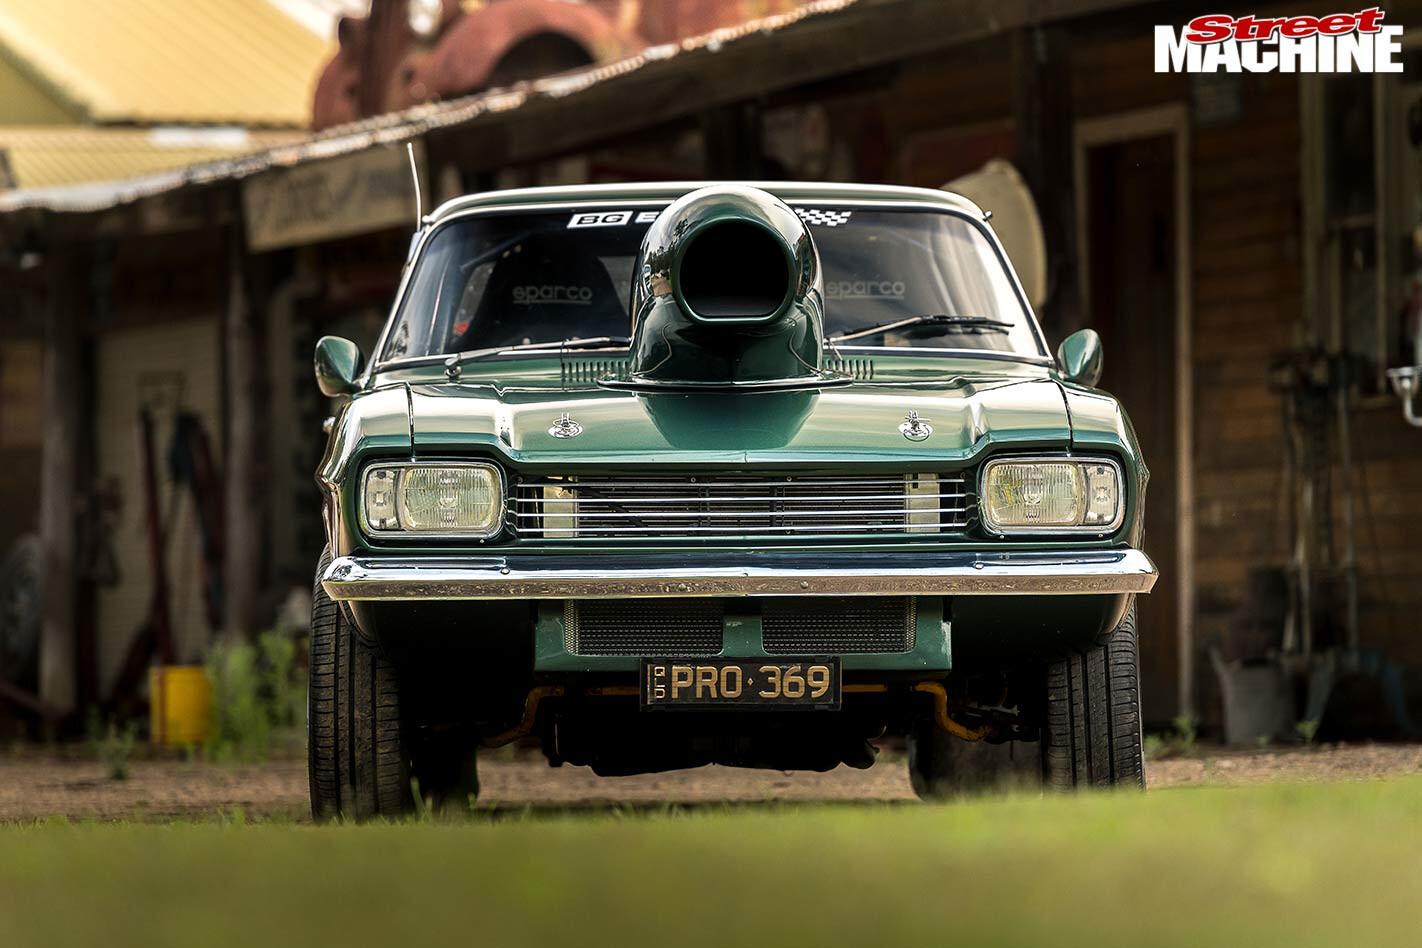 Alon Vella's Ford Capri front